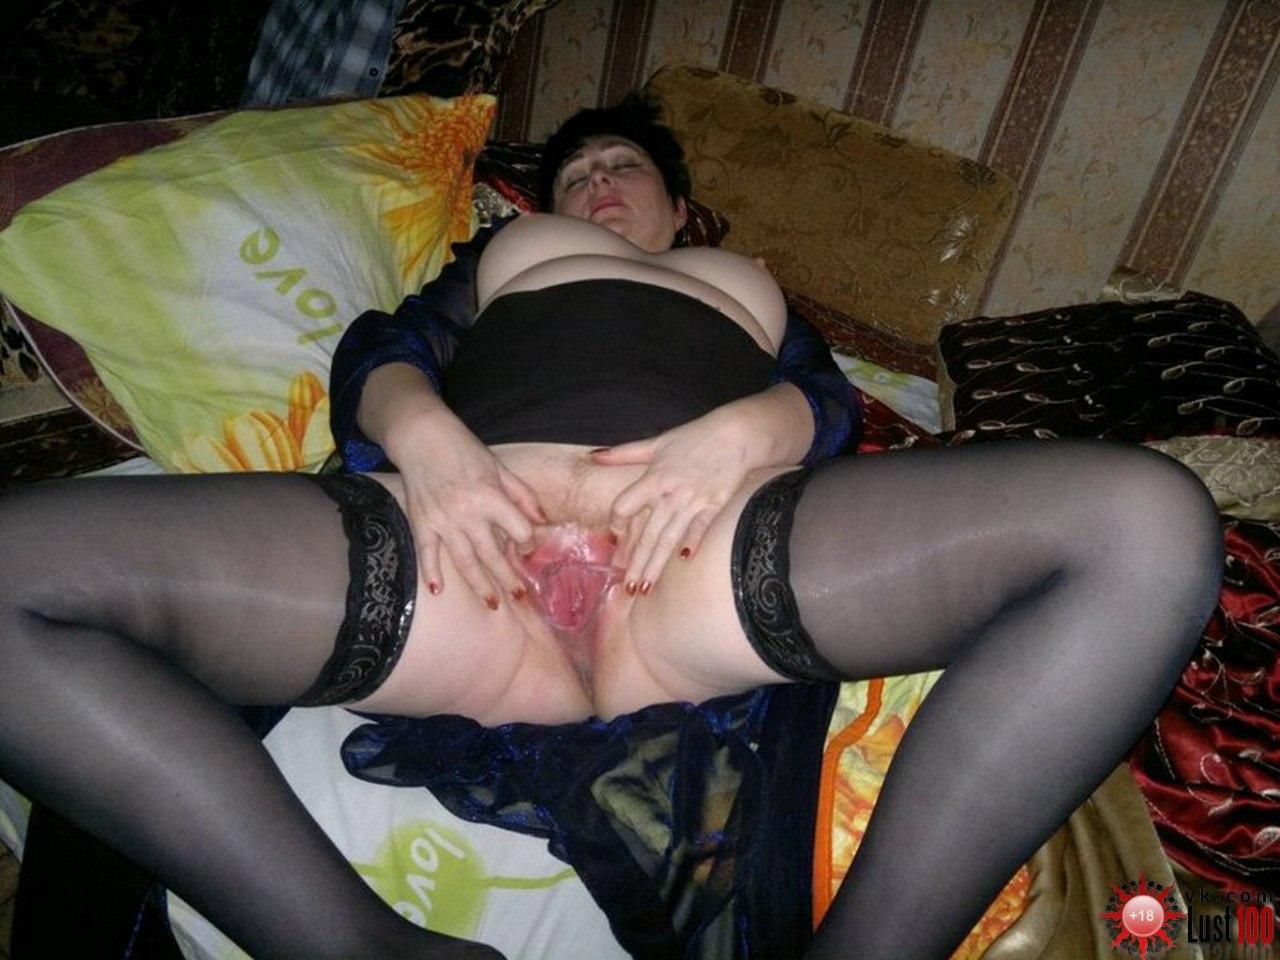 Фото зрелой женщины из москвы 5 фотография